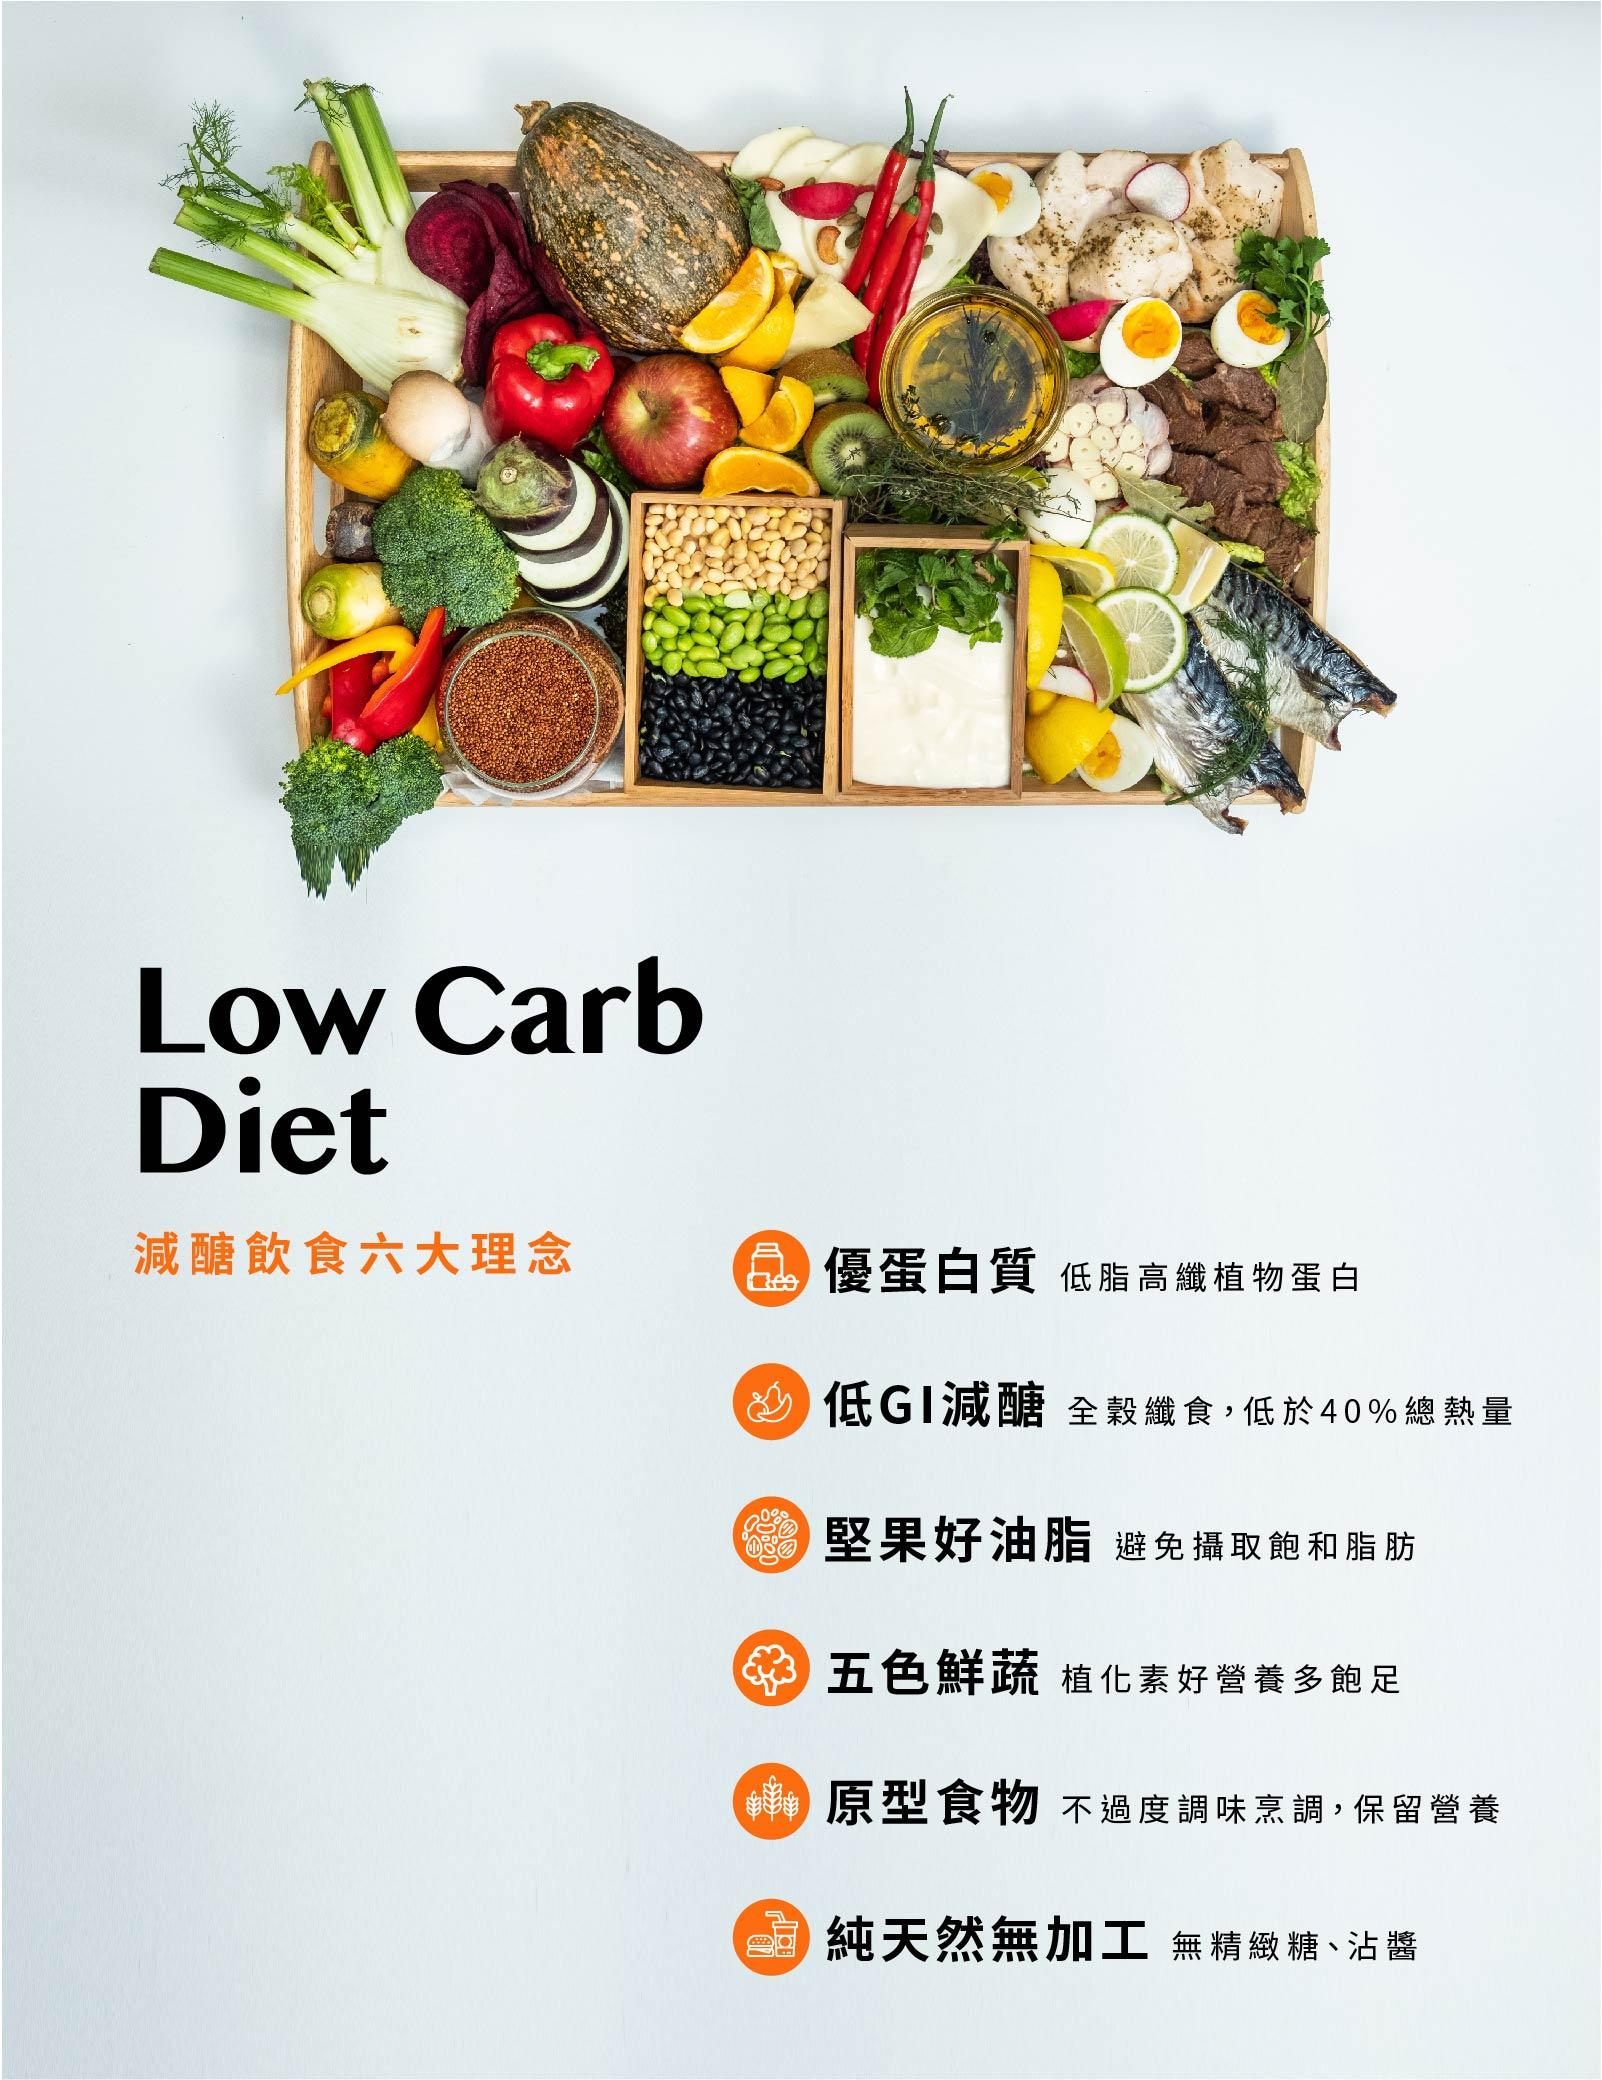 減醣飲食六大理念-優質蛋白-低GI減醣-堅果好油脂-五色鮮蔬-原型食物-純天然無加工